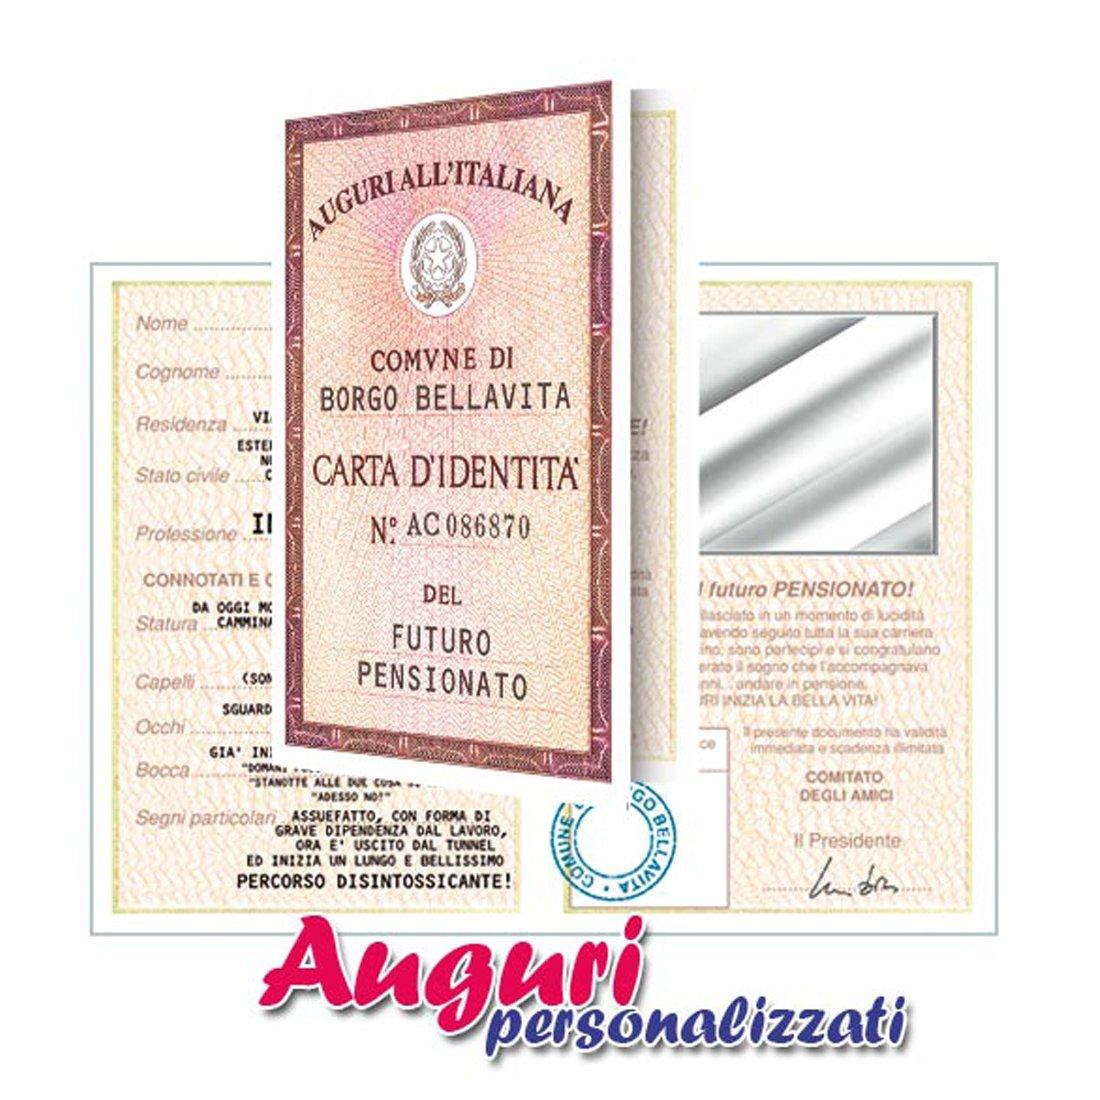 Biglietto auguri carta d'identità pensionato Bombo